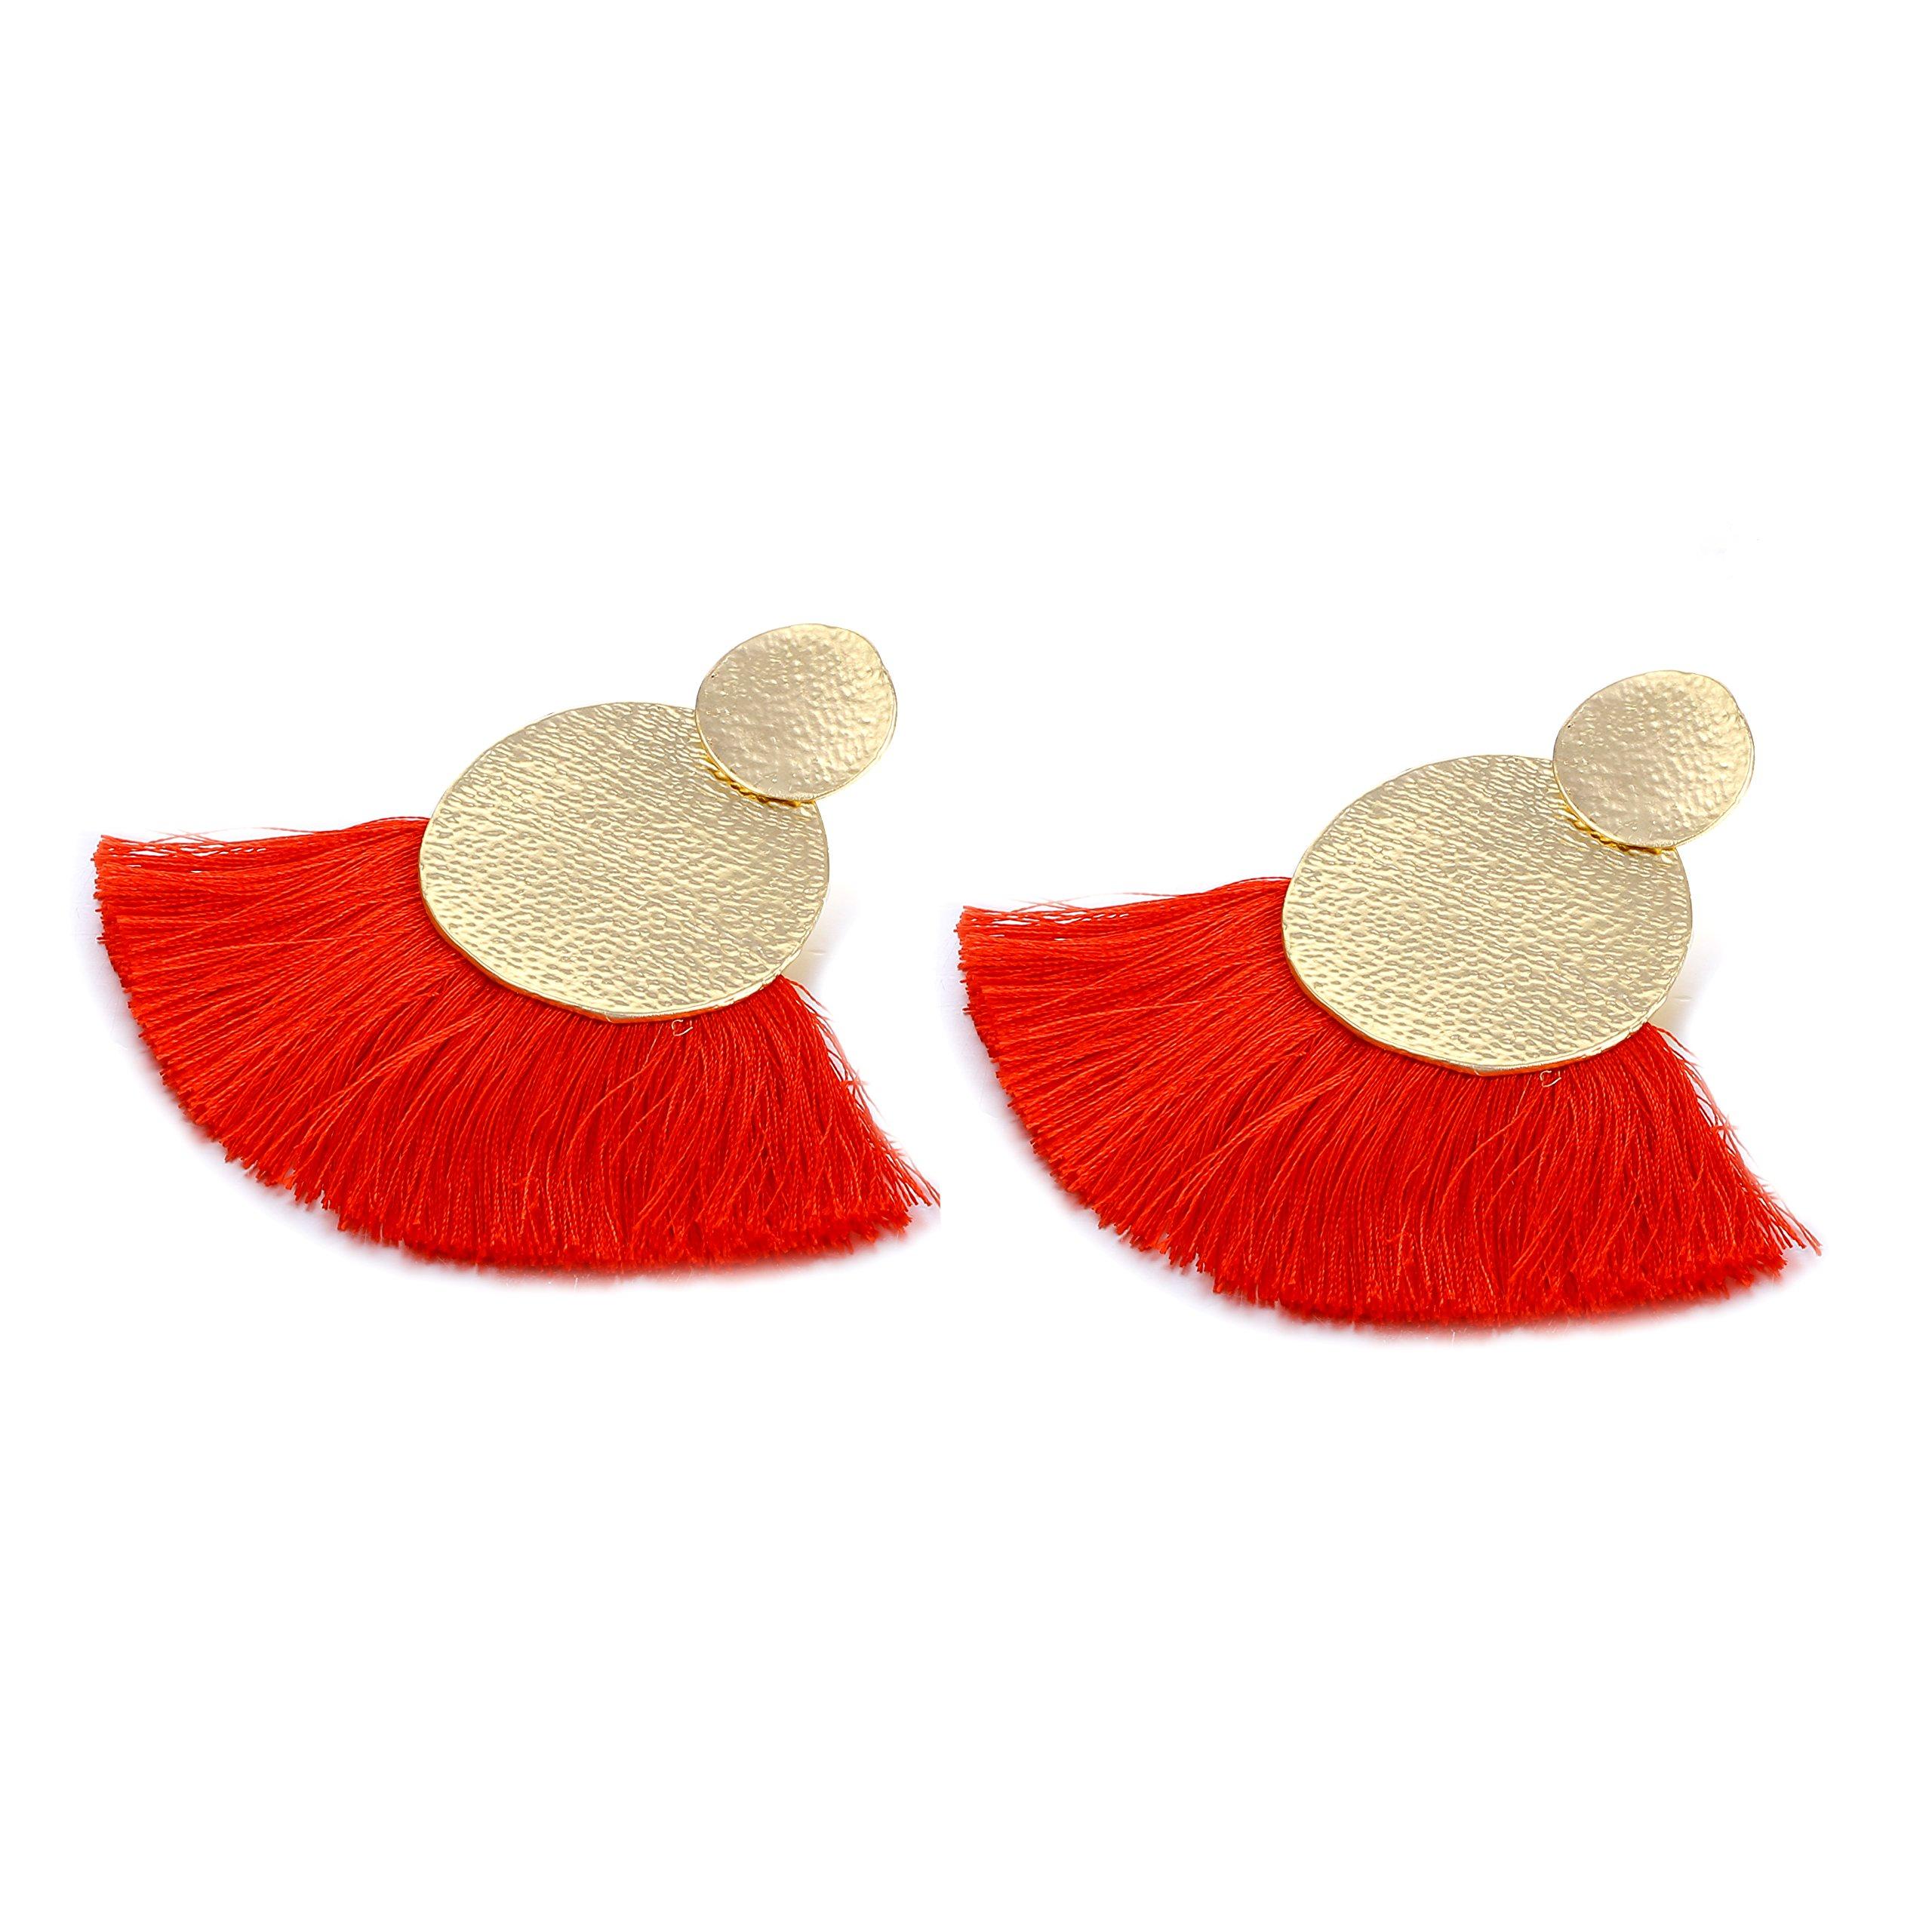 Fashion Tassel Earrings for Women Hot Sale Bohemia National Style Jewelry Female Summer Style Drop Earrings(Red)